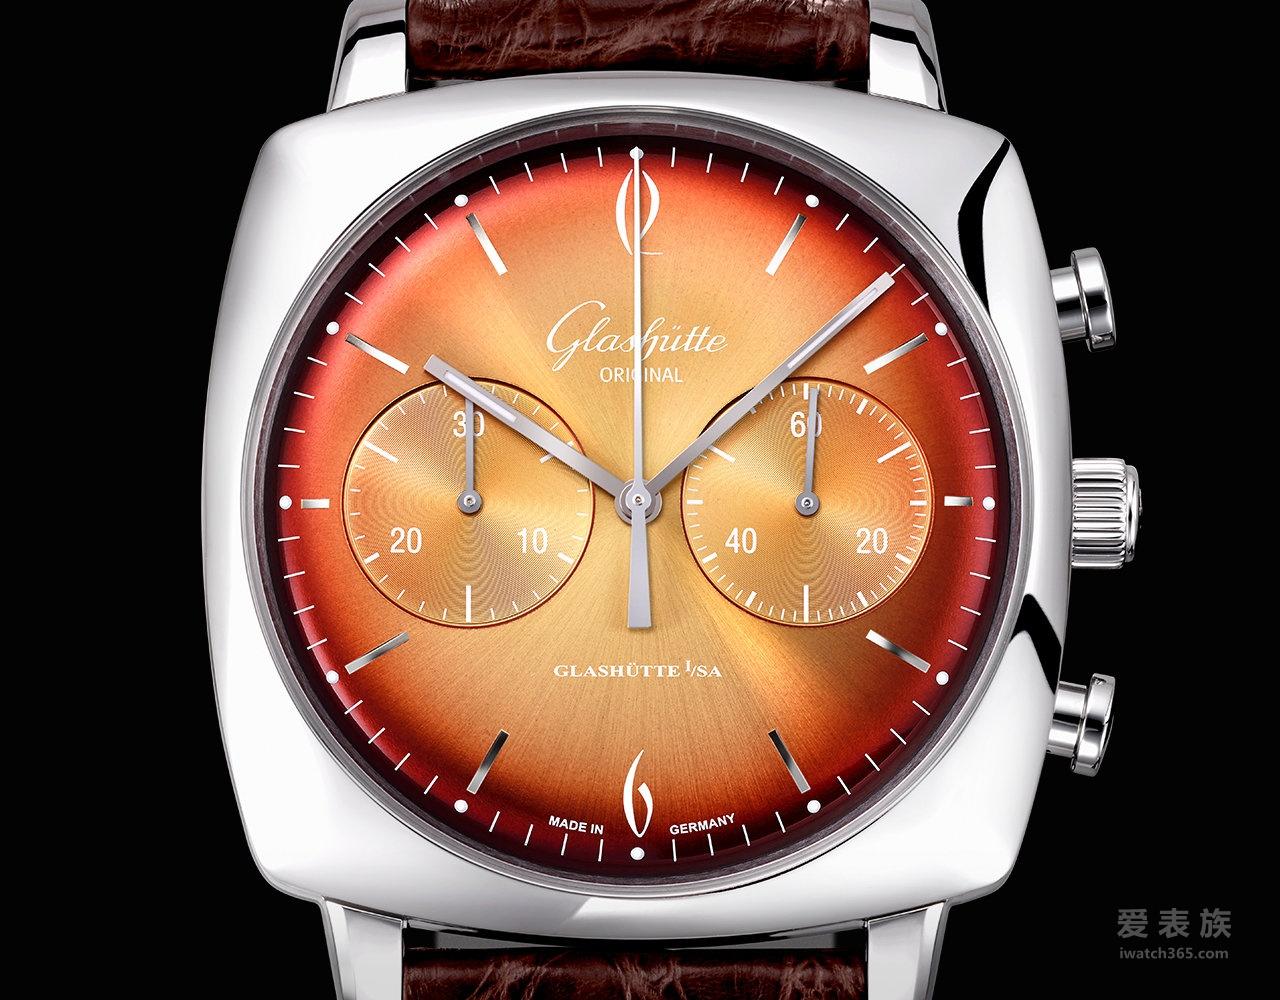 格拉苏蒂原创Vintage系列1-39-34-26-32-04鎏金六零年代标志方形腕表